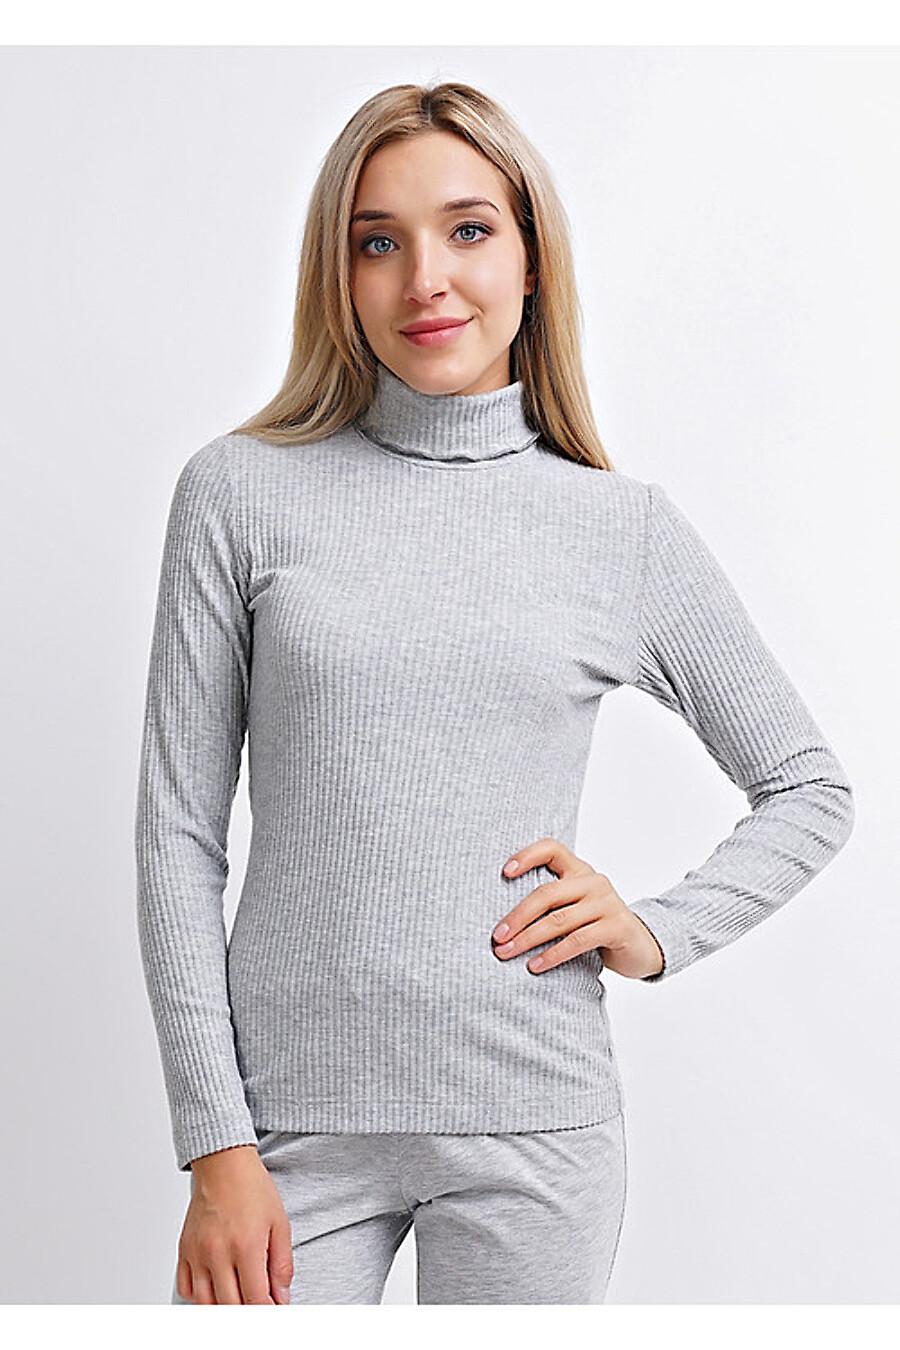 Водолазка для женщин CLEVER 155556 купить оптом от производителя. Совместная покупка женской одежды в OptMoyo